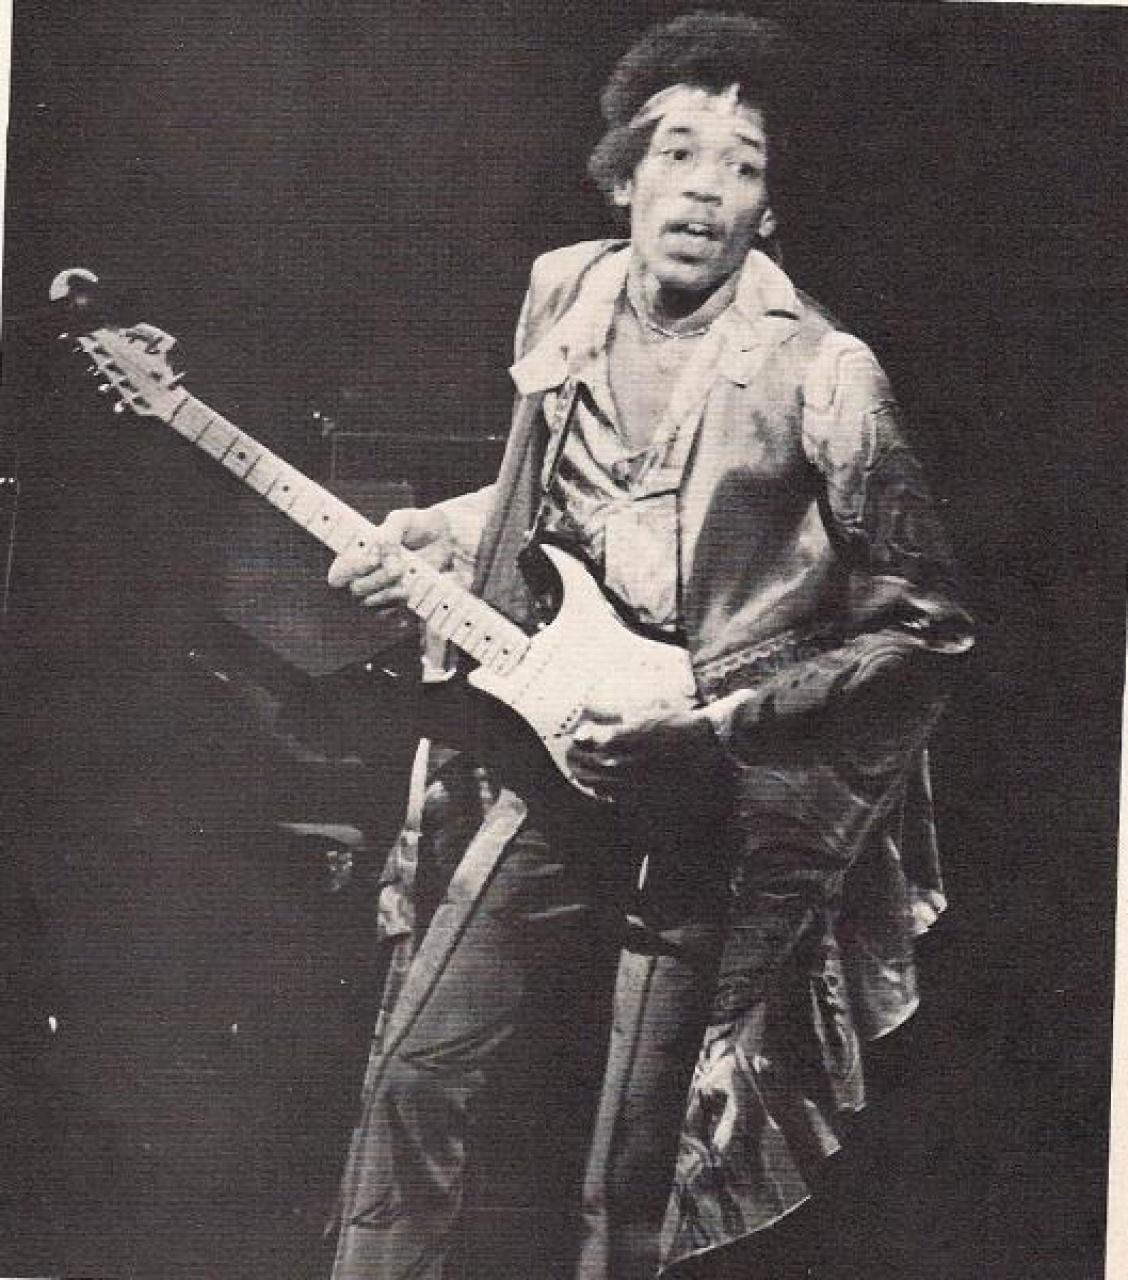 New York (Fillmore East) : 1er janvier 1970 [Second concert]  197459scanjpg0006660000528